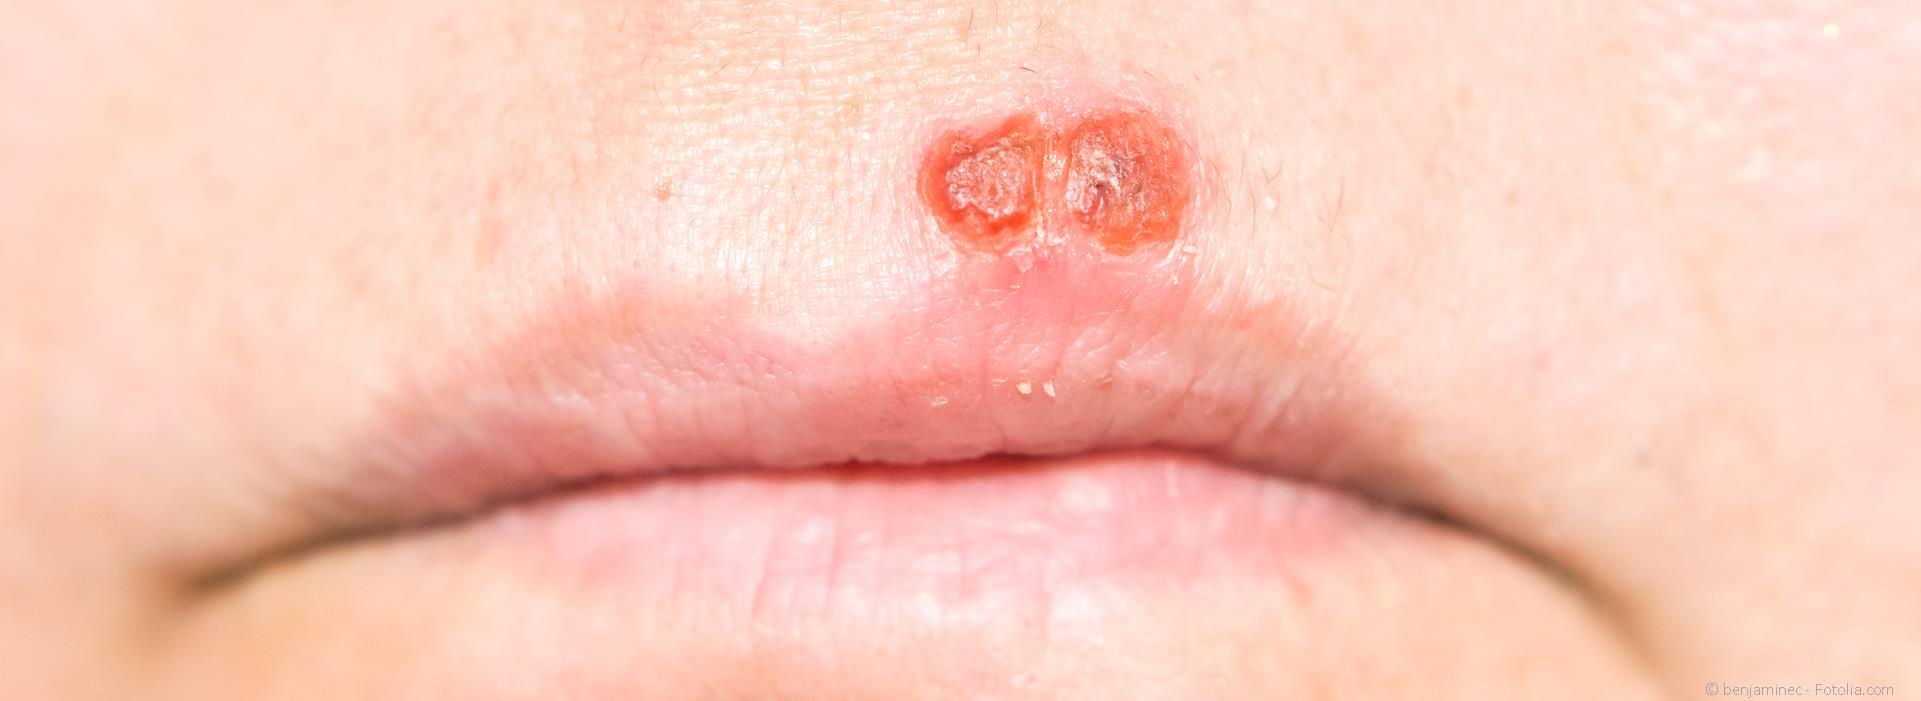 Herpes wann weg mund geht im Mundfäule: Symptome